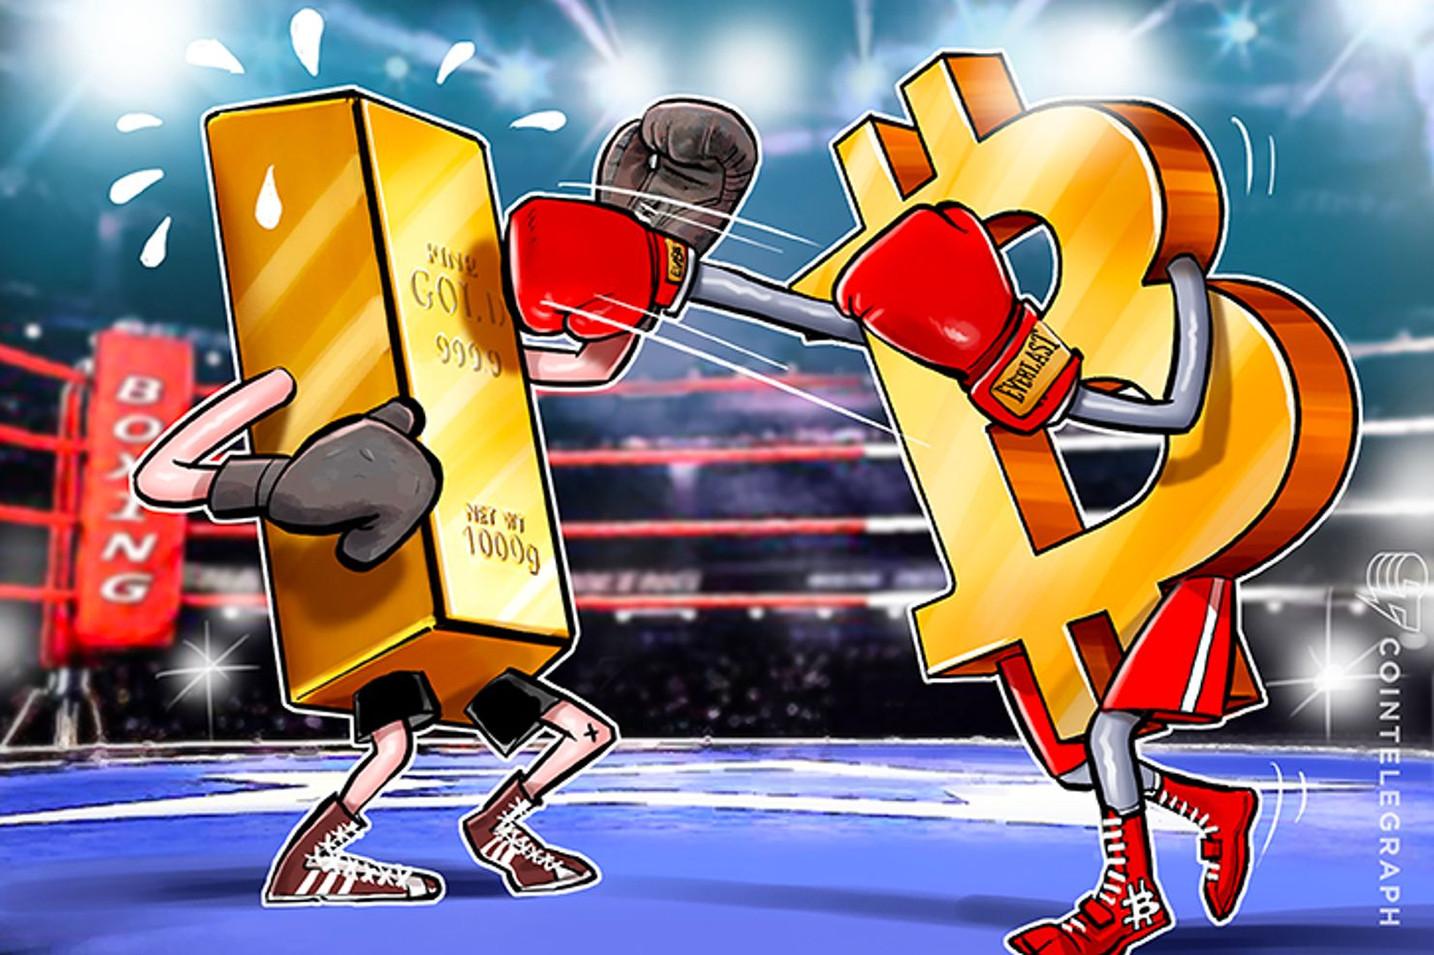 ビットコイン VS 金 グーグル検索ランキング(7月10日)